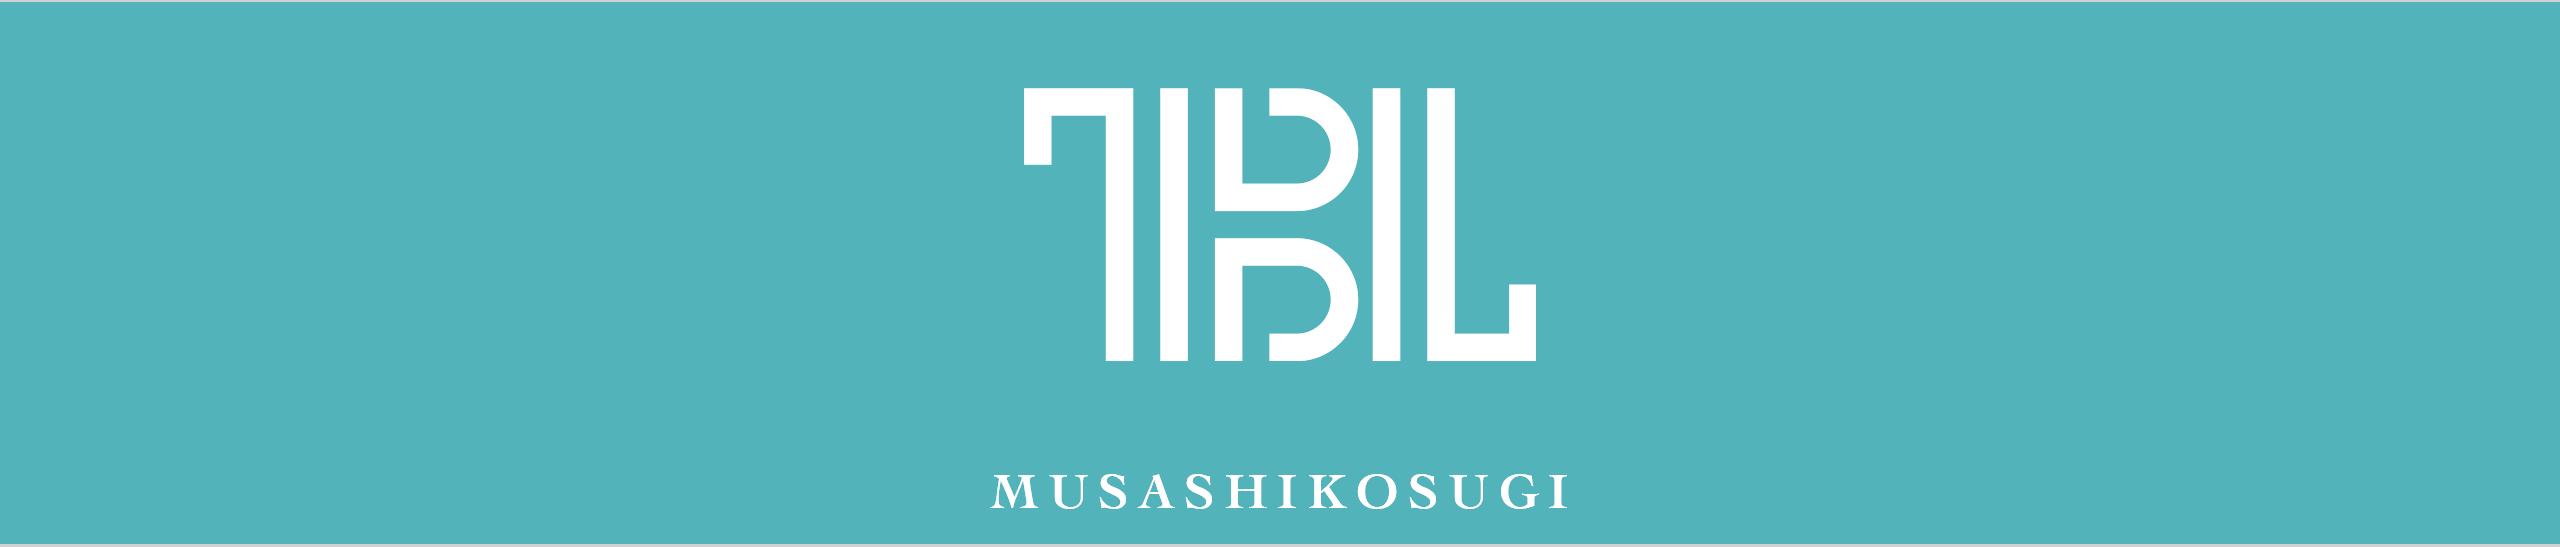 TBL 武蔵小杉店